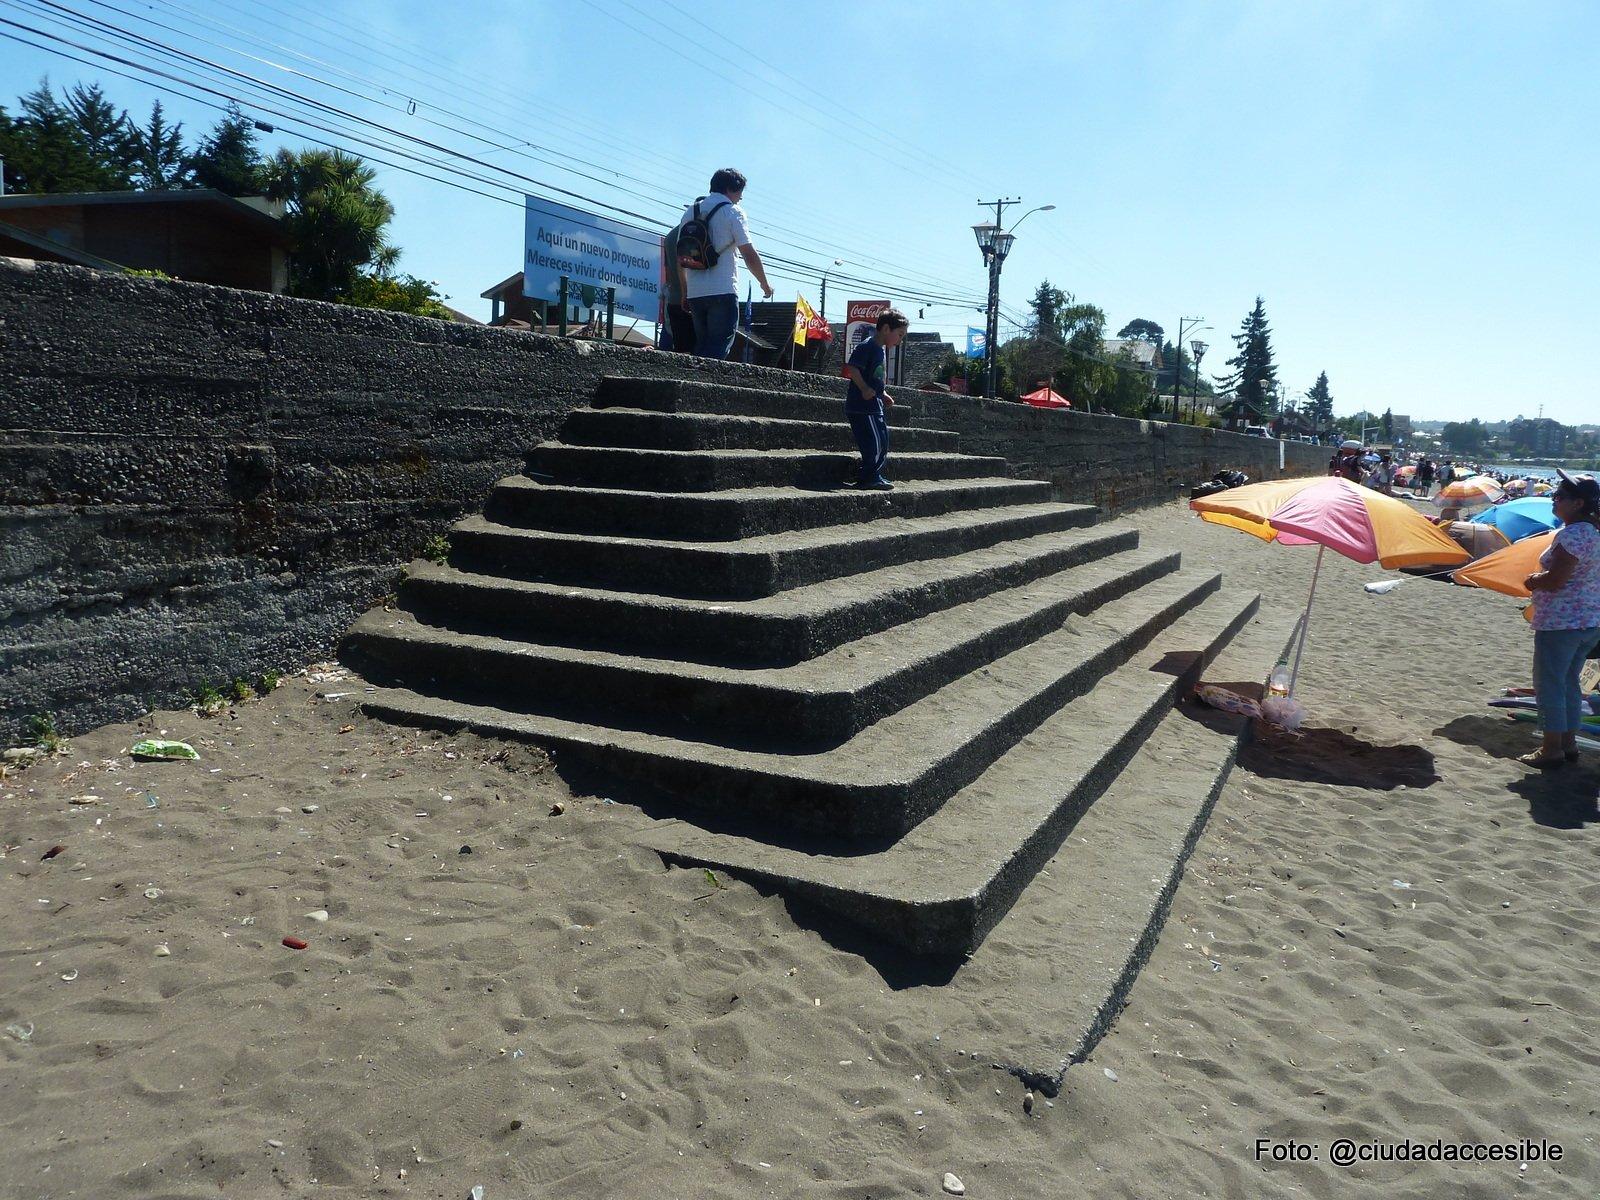 entradas a la playa inaccesibles